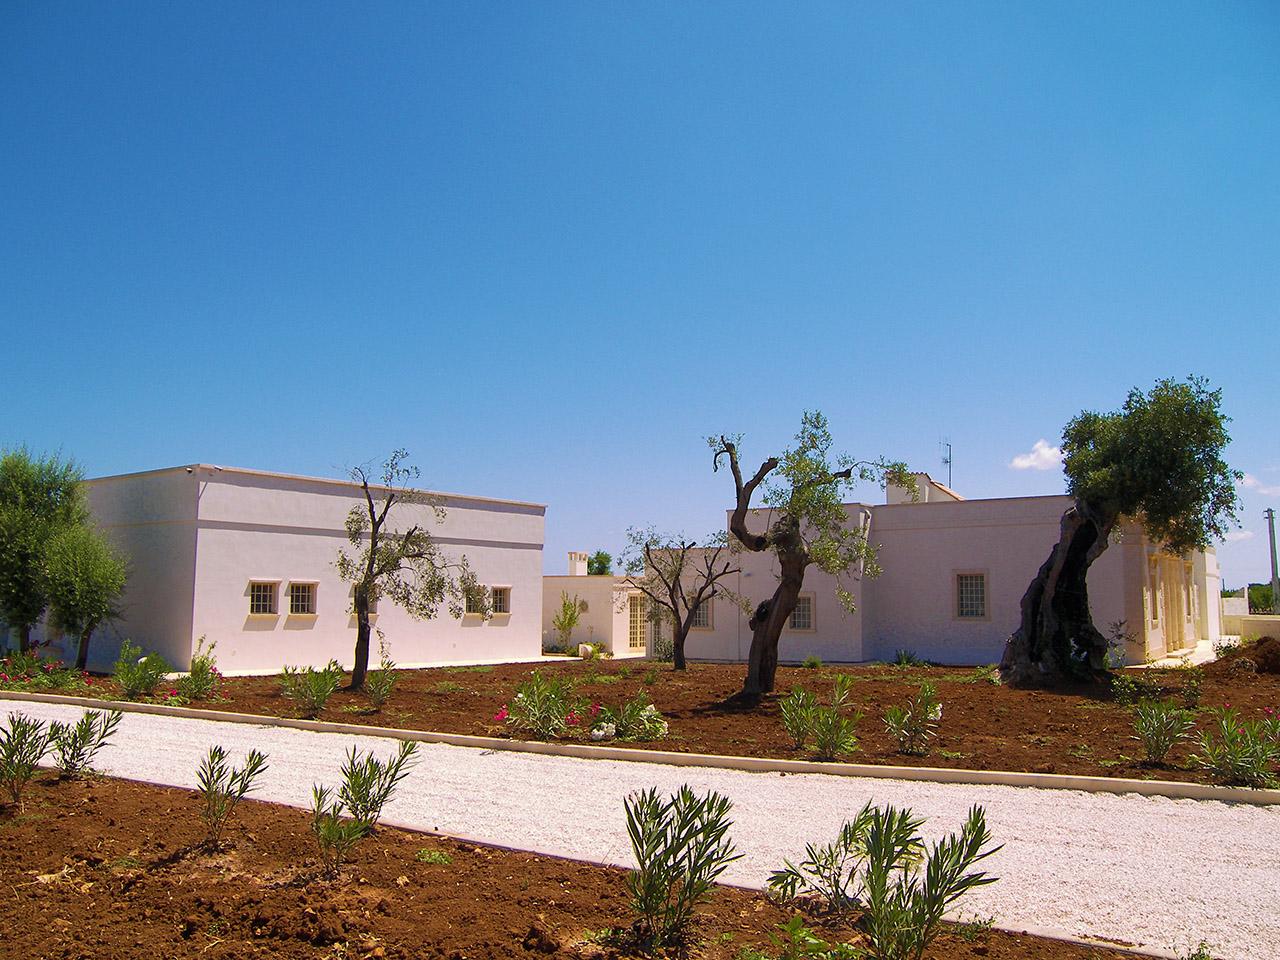 costruzioni restauri sirio ostuni nuova residenza privata ristrutturazione recupero ostuni 100 4907